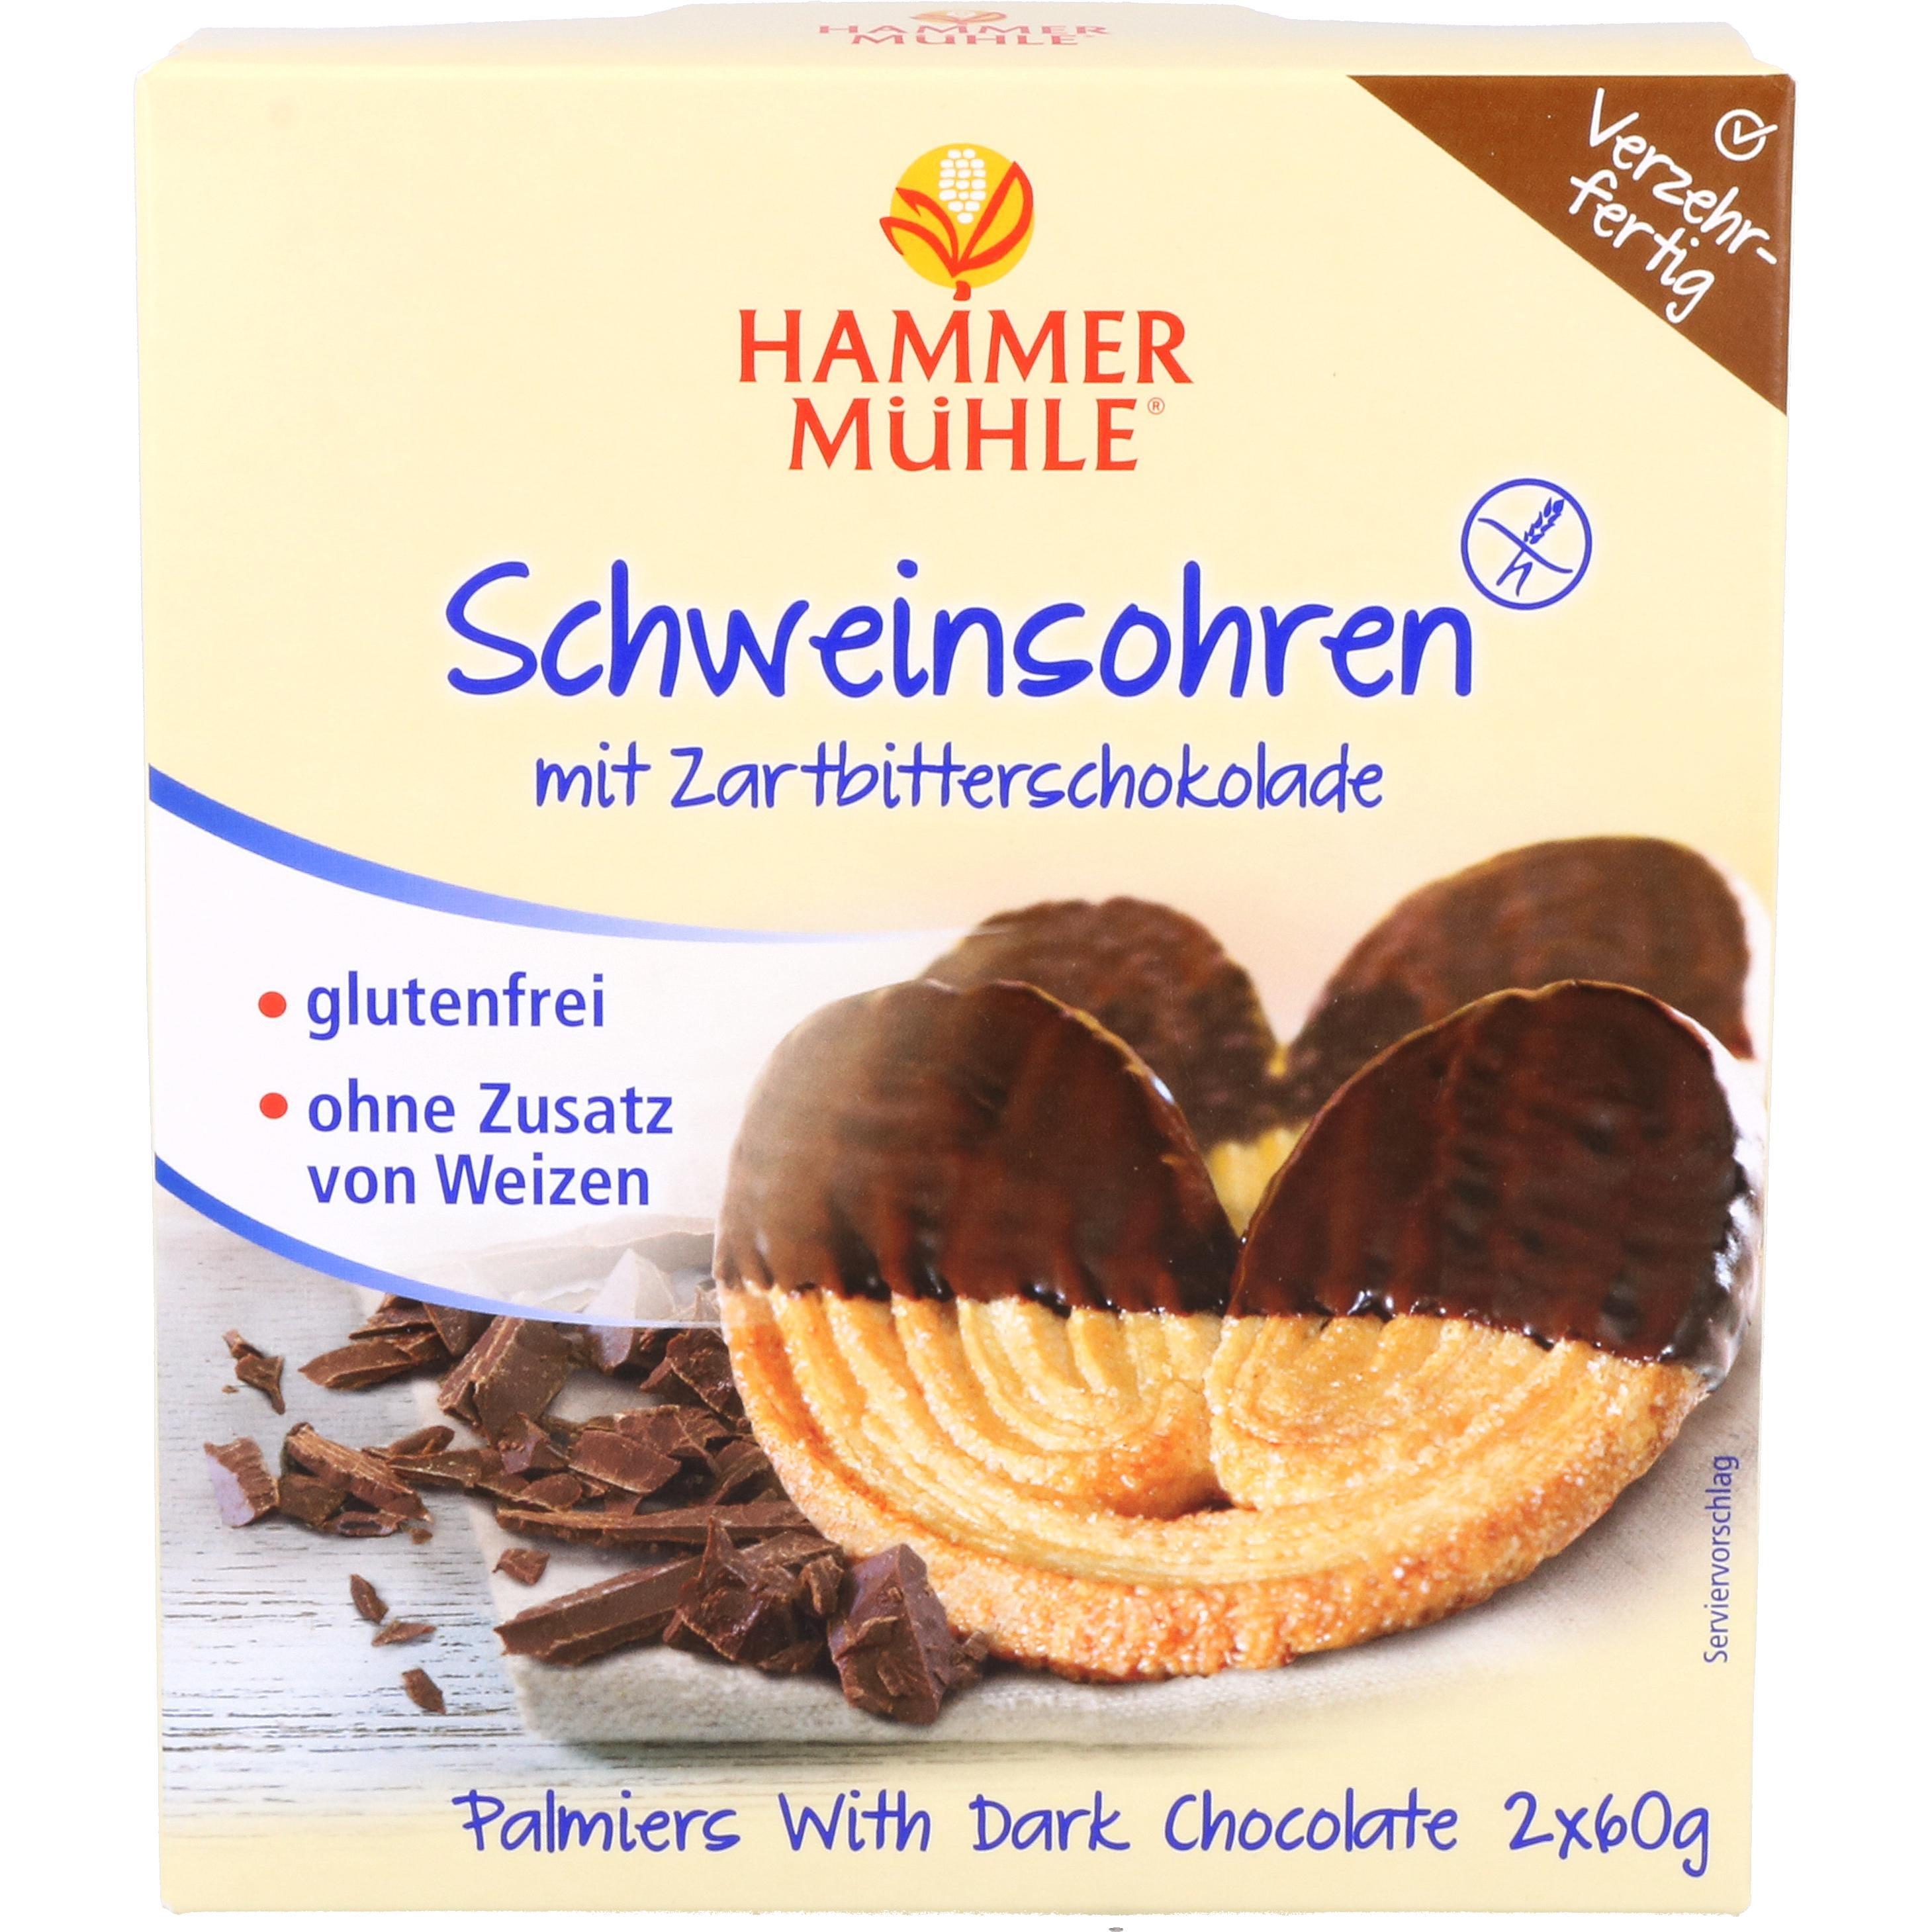 Hammermühle Schweinsohren mit Zartbitterschokolade 120g